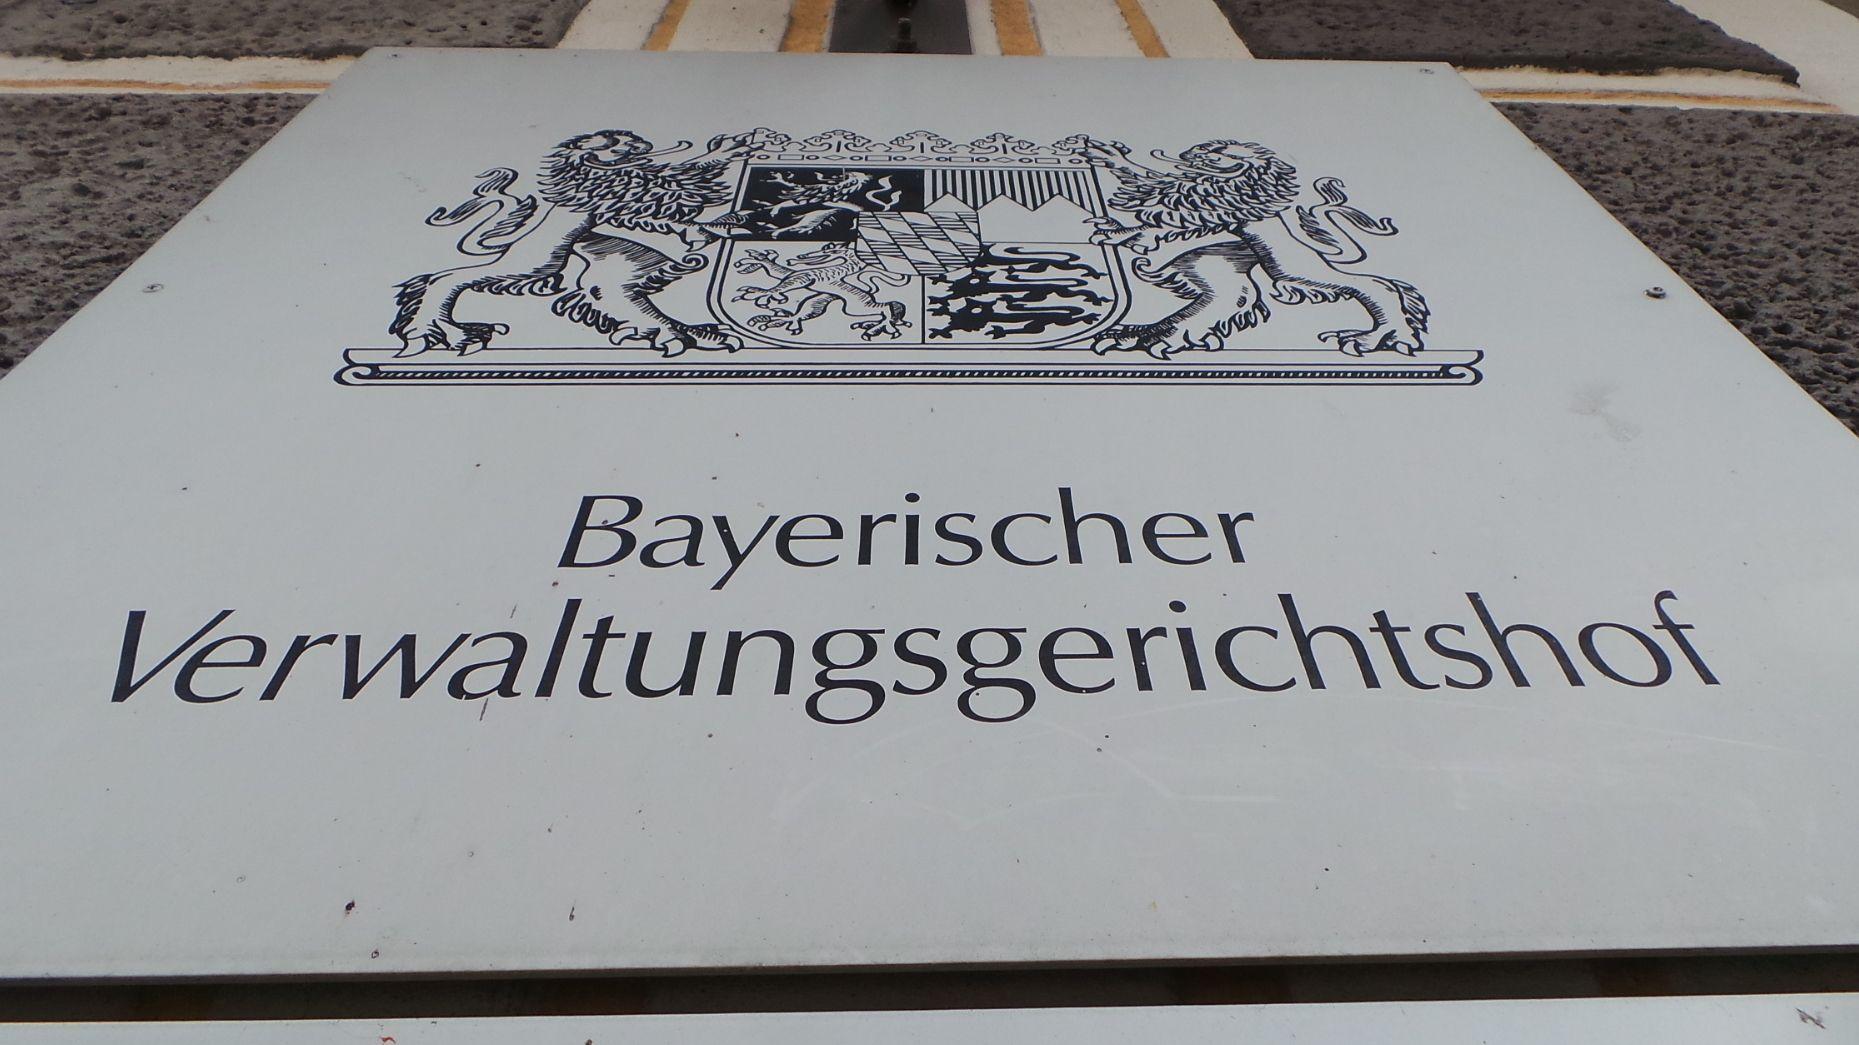 Ein Schild aus Metall an einer Hauswand weist den Bayerischen Verwaltungsgerichtshof aus.